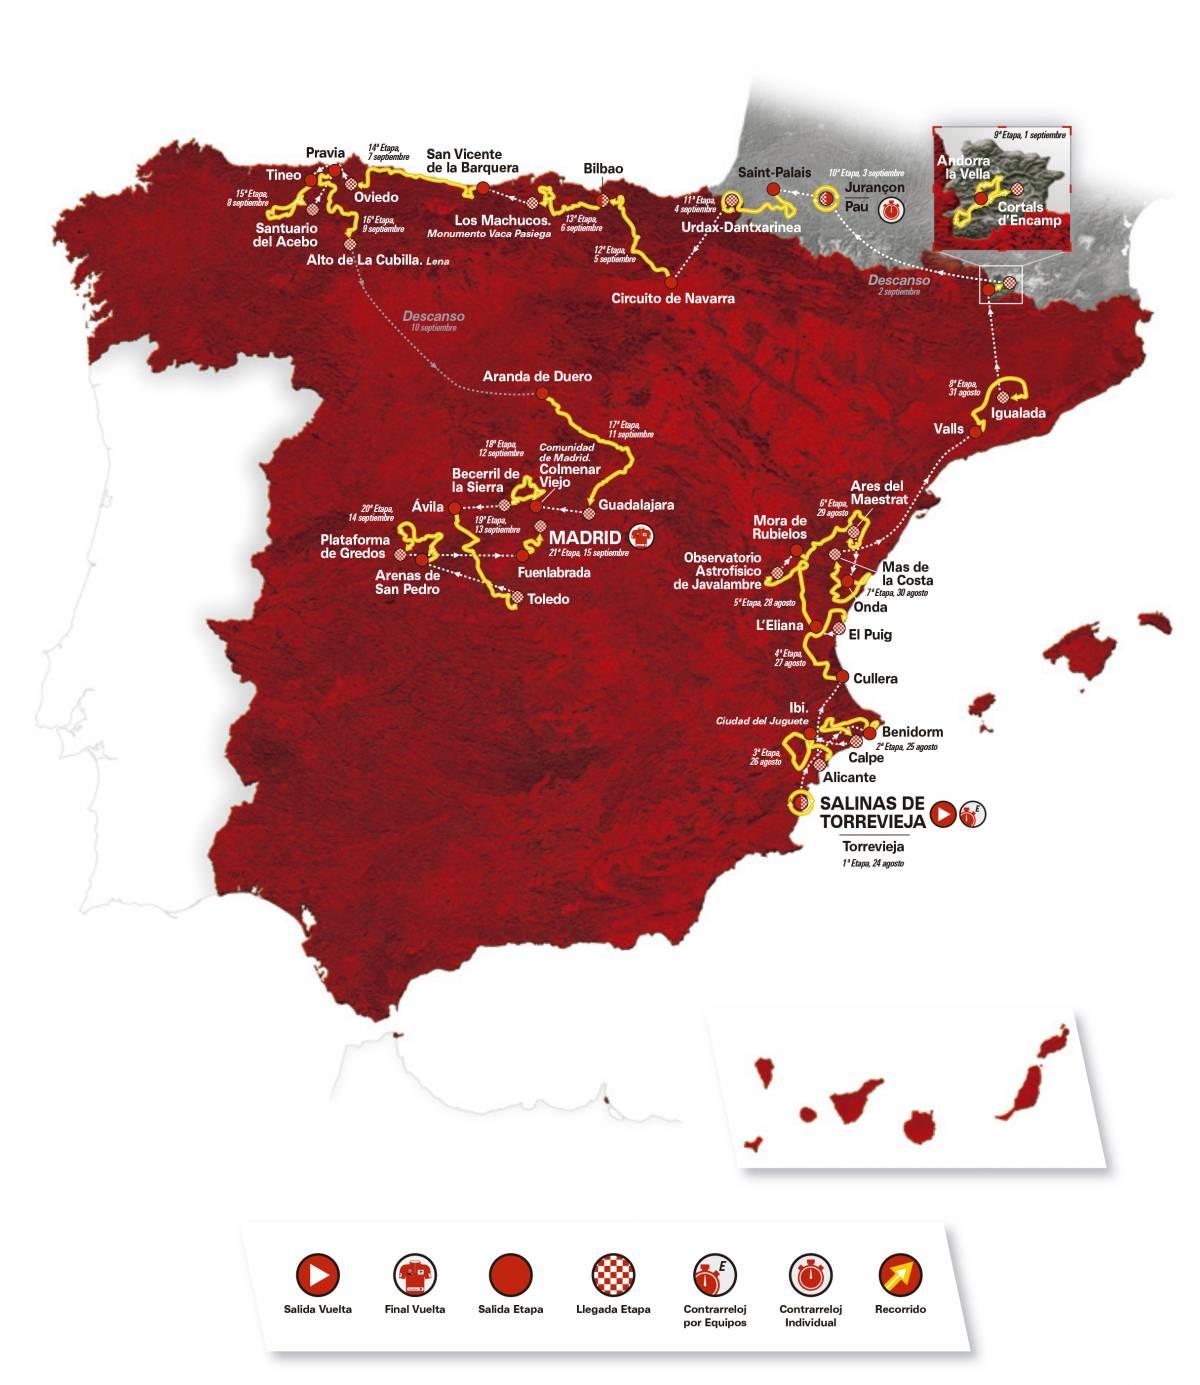 2019 Vuelta a España Route Includes 59 Categorized Climbs 6